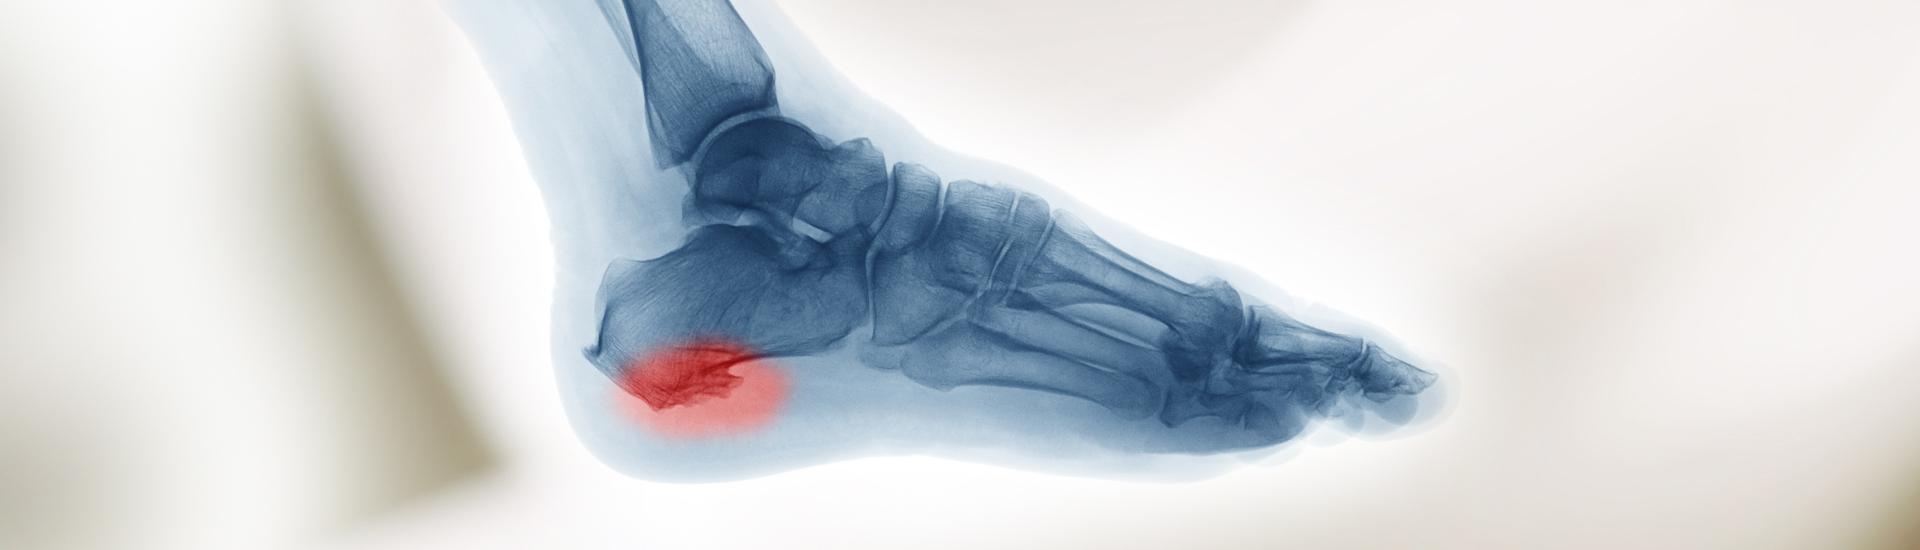 Röntgentherapie